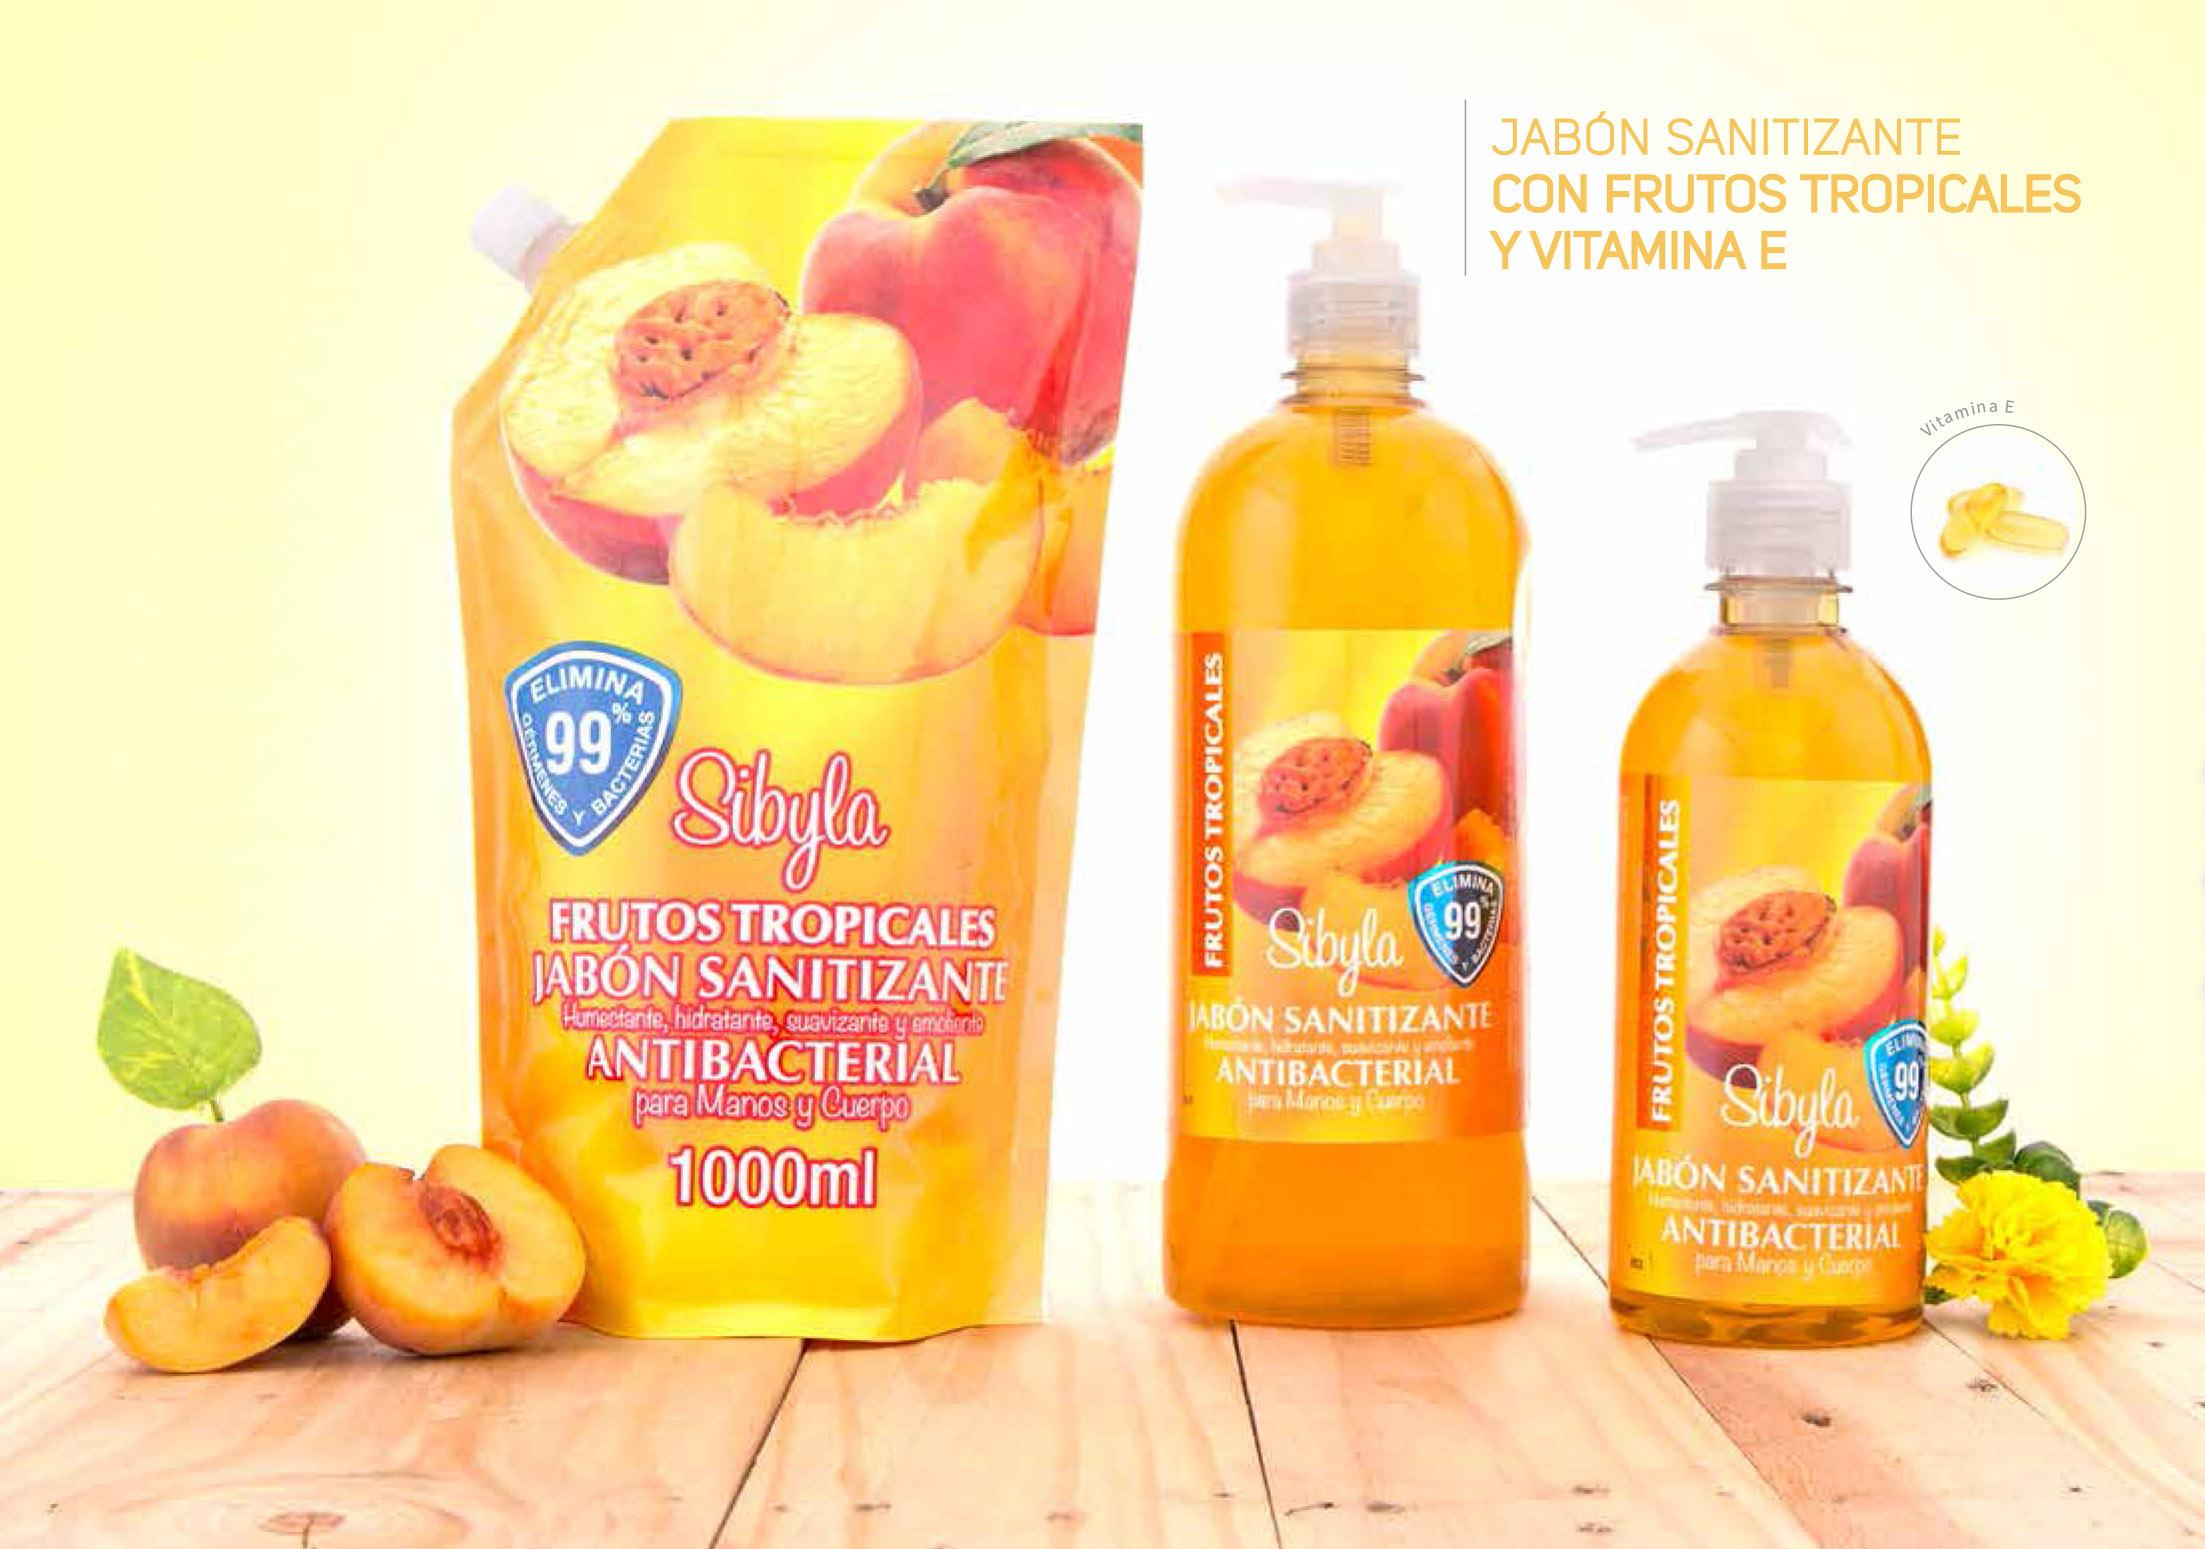 jabón Sanitizante con Frutos Azules y Vitamina E